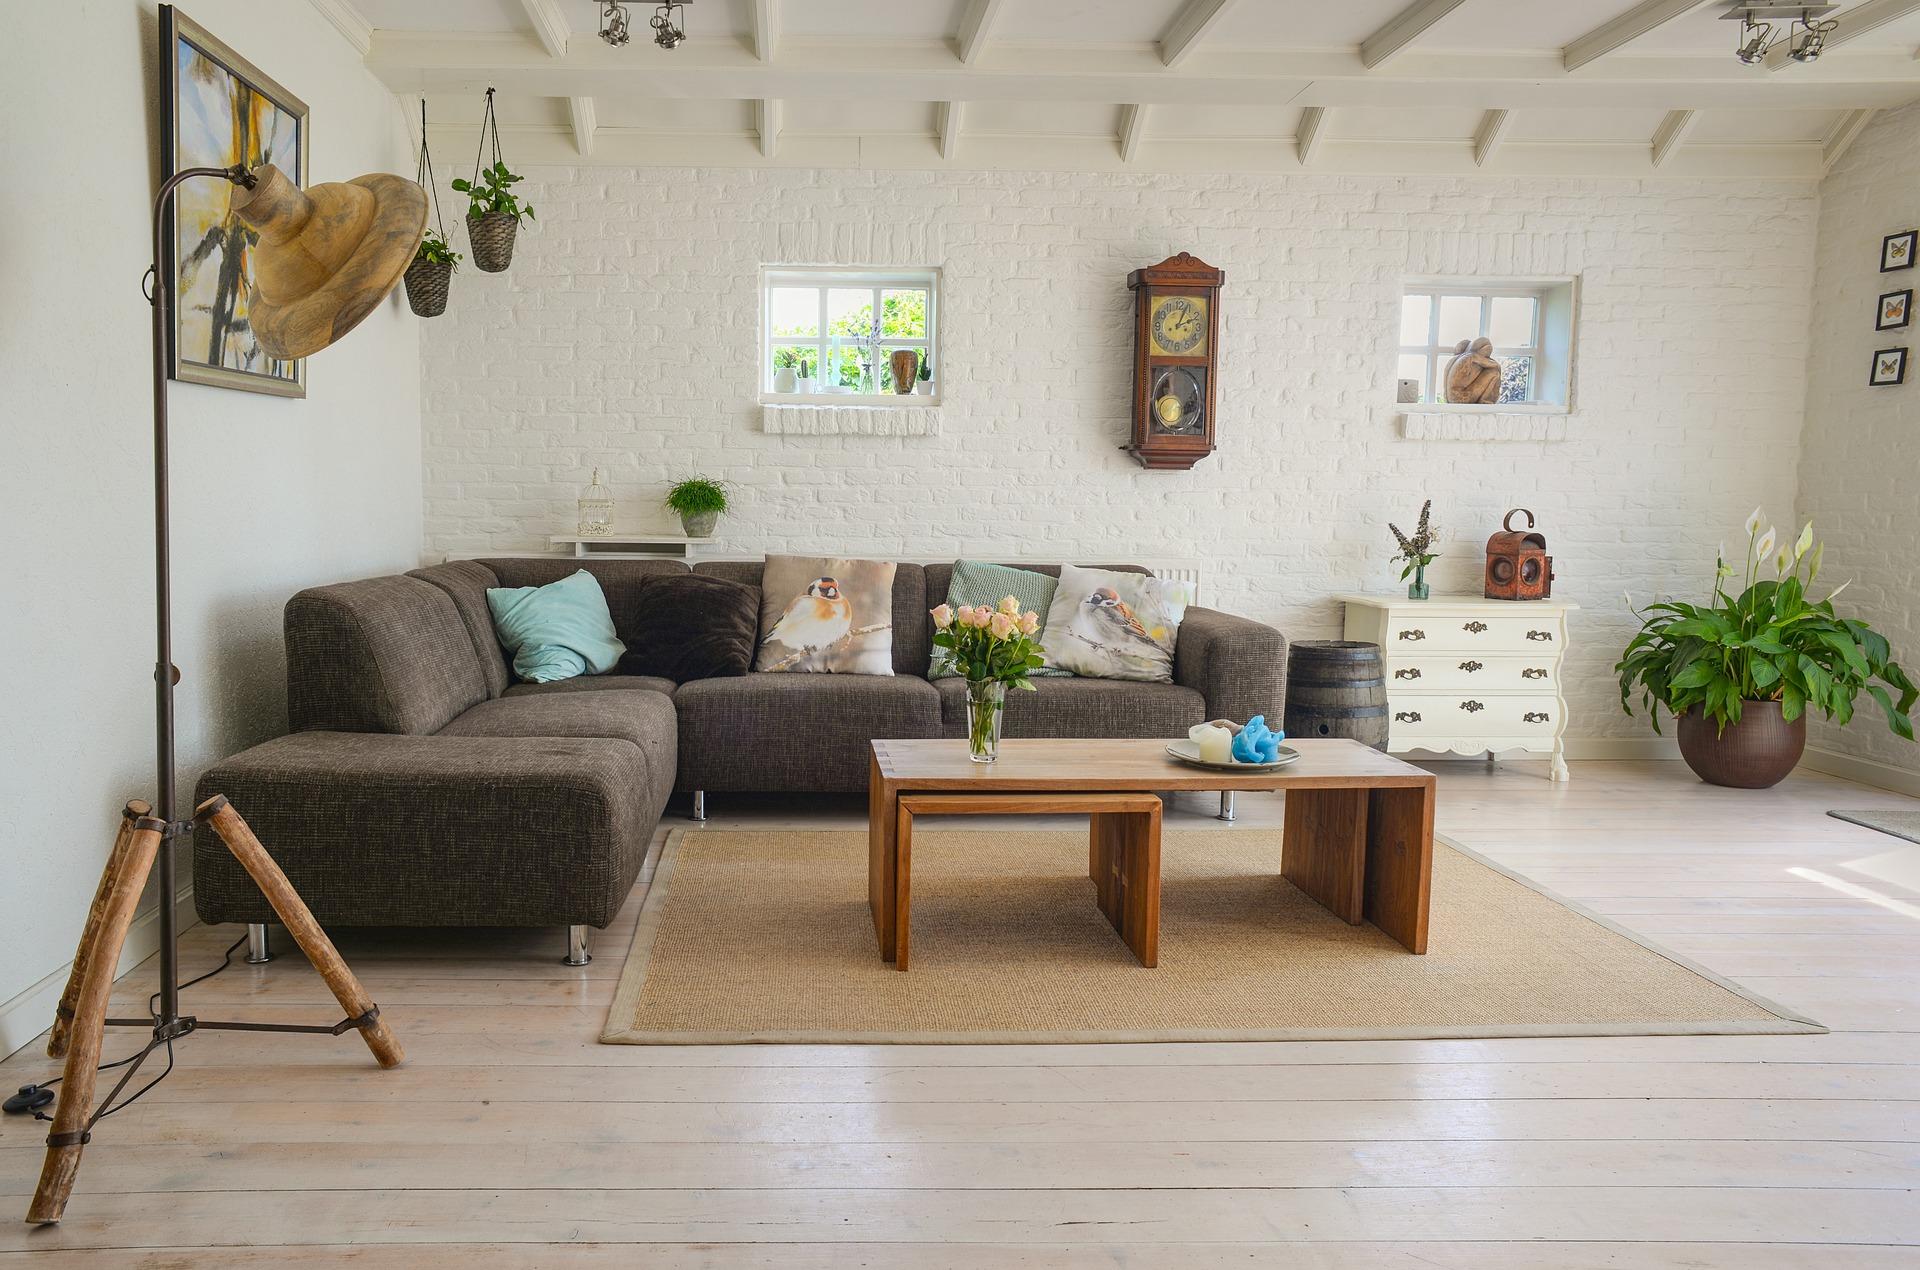 OYO LIFE なら手ぶらで引っ越し! どんな家具・家電が備え付けられている?